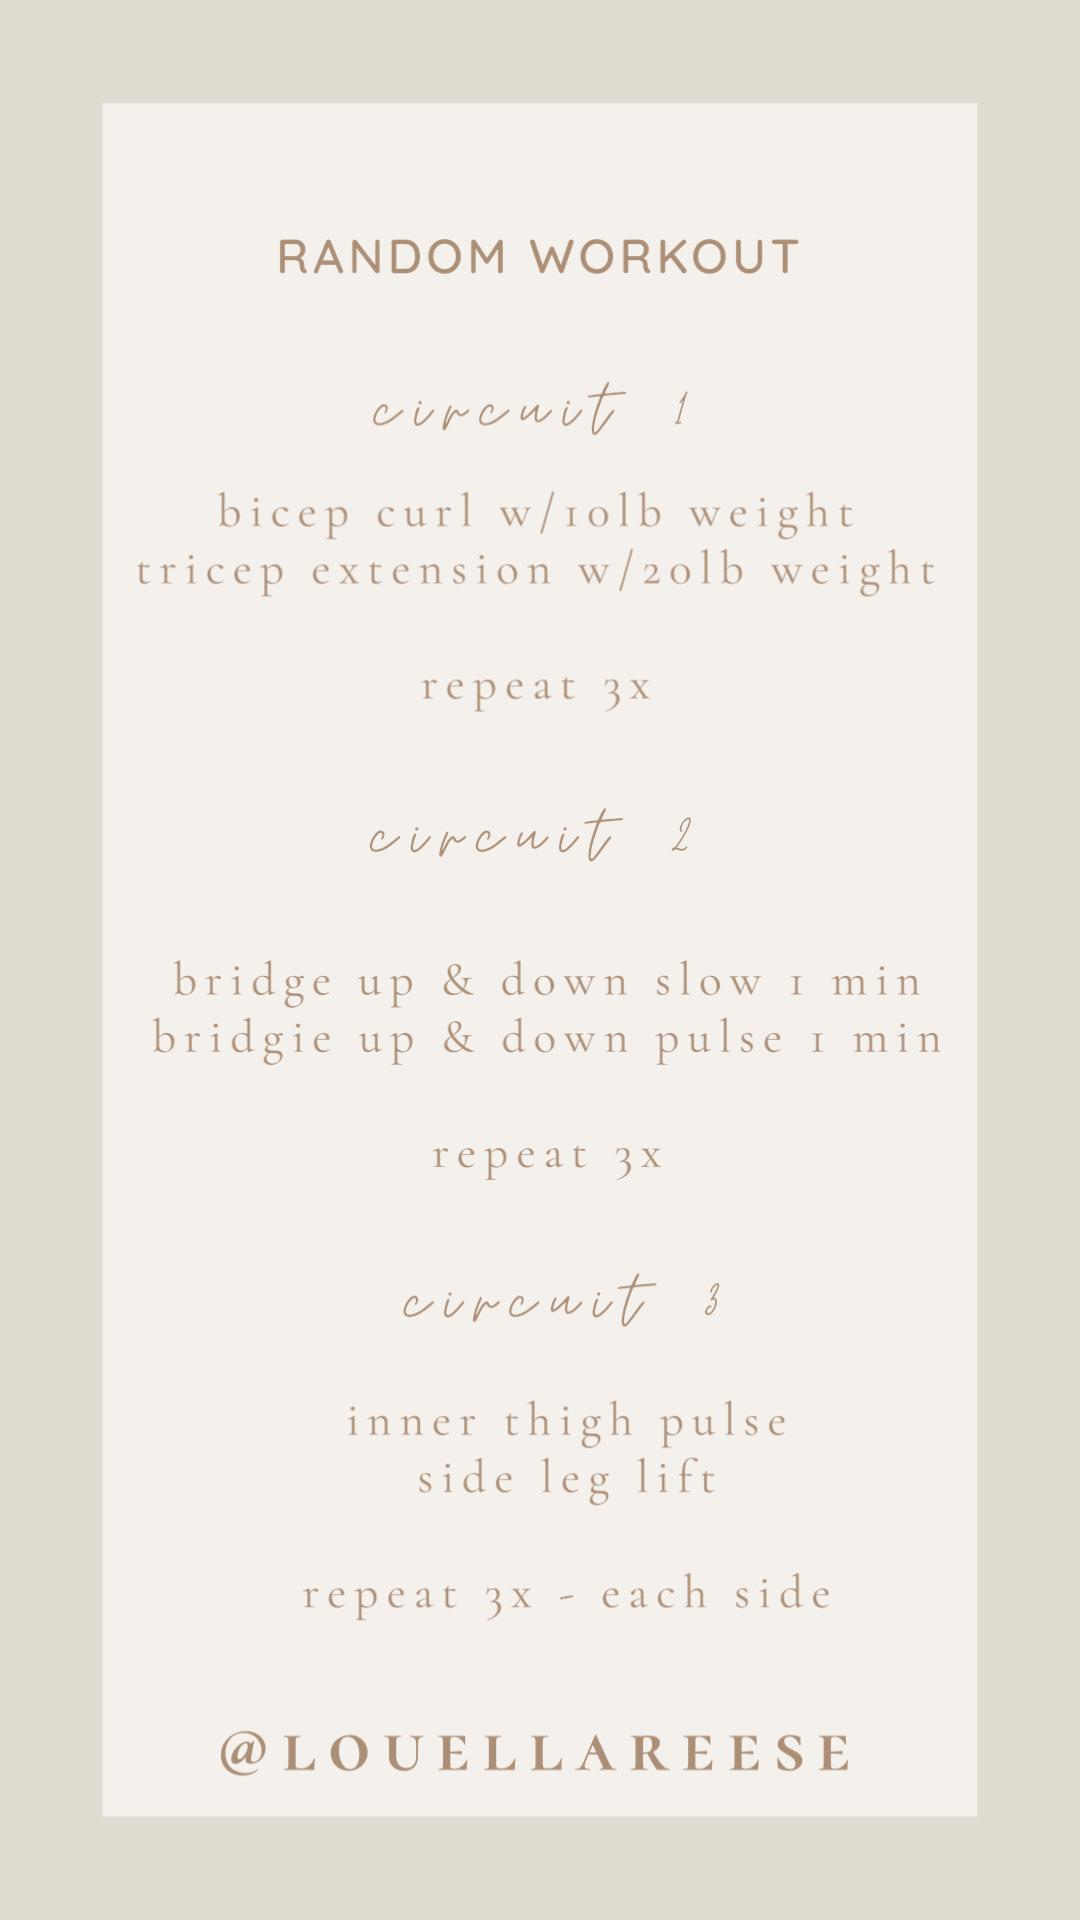 FWTFL Workouts | Louella Reese